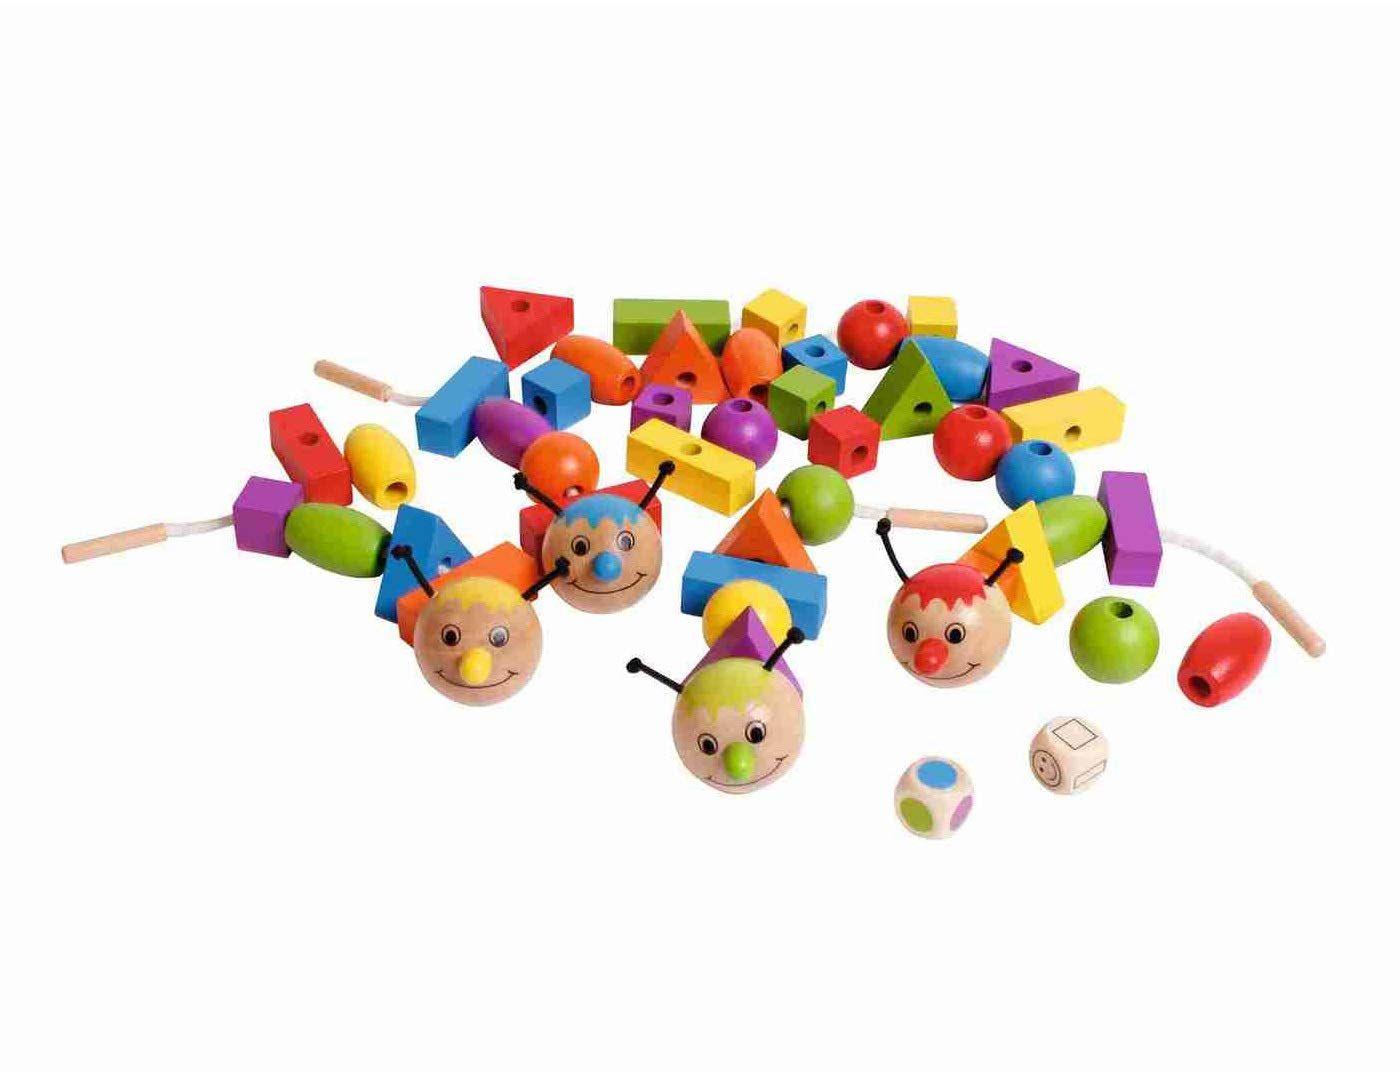 Beleduc 22481 Rondo Vario gra dla dzieci i rodzinna